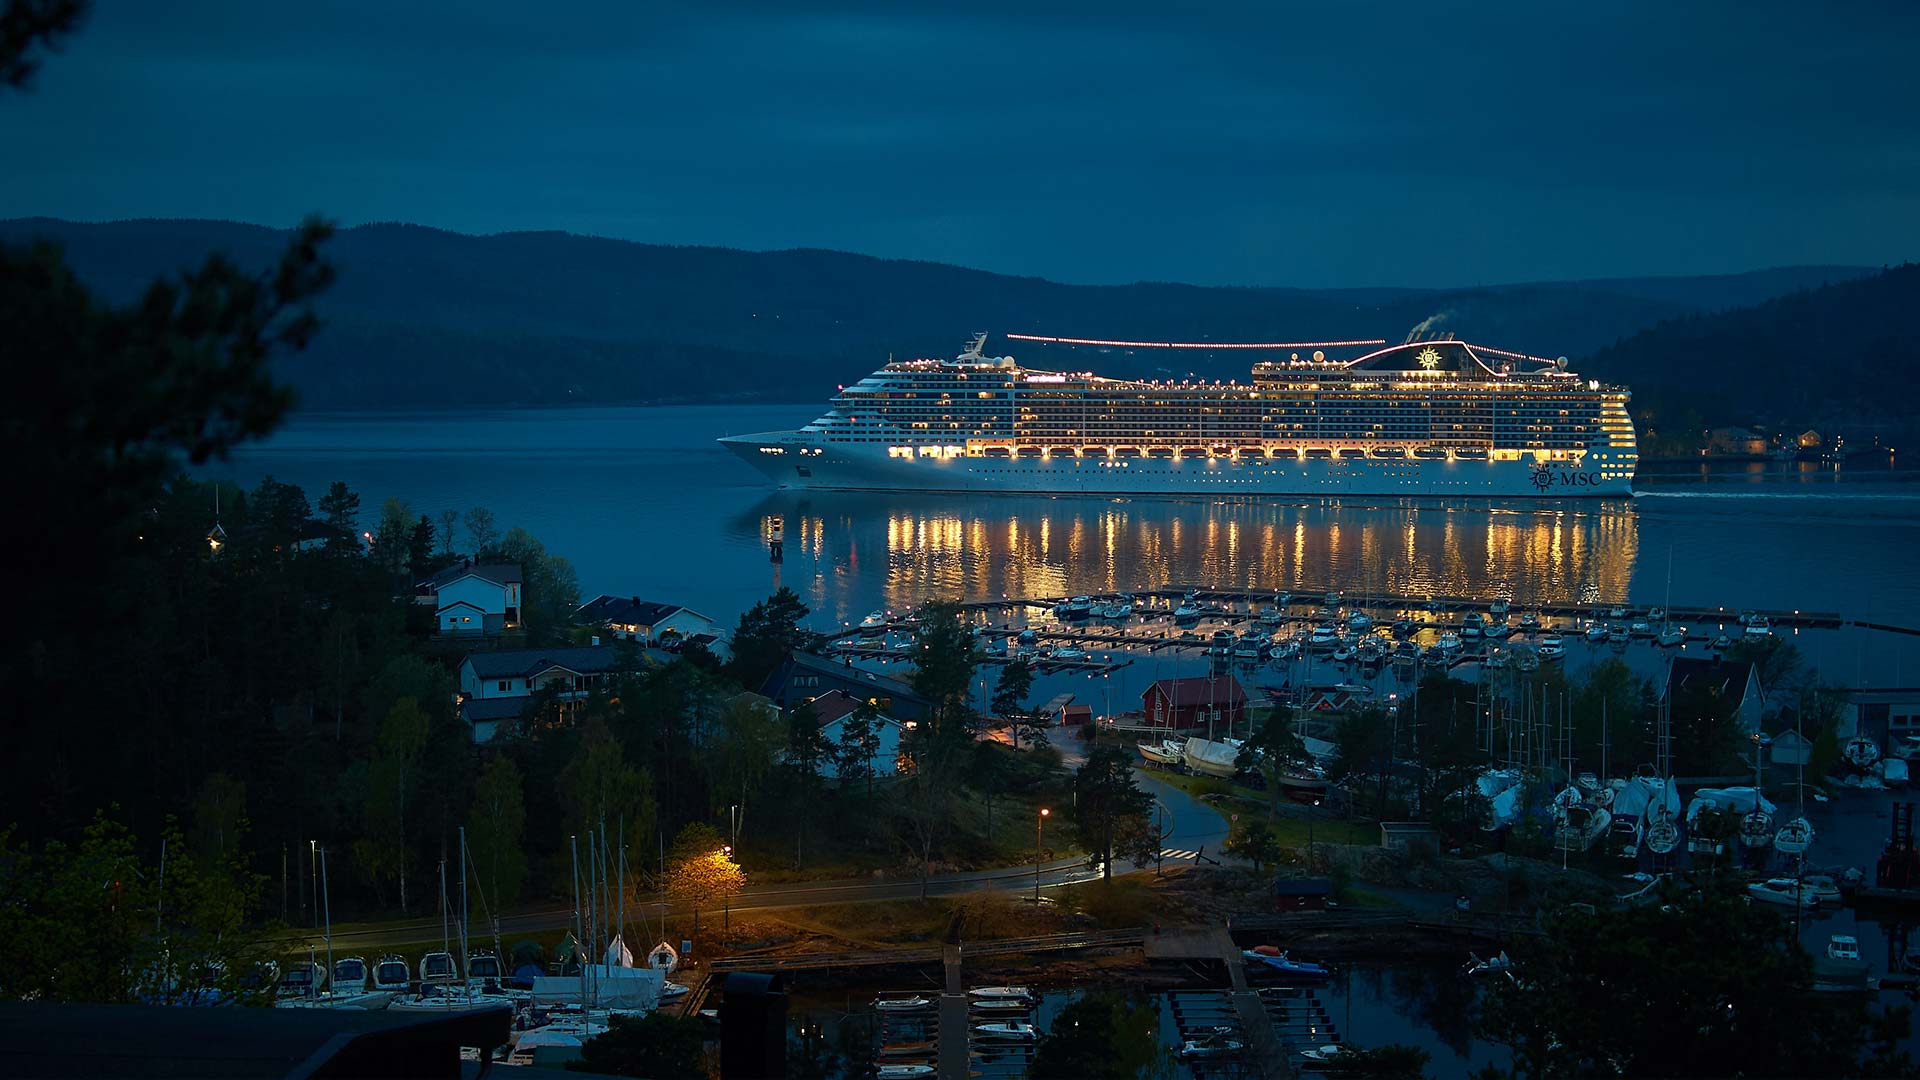 Kreuzfahrtschiff in einem Fjord